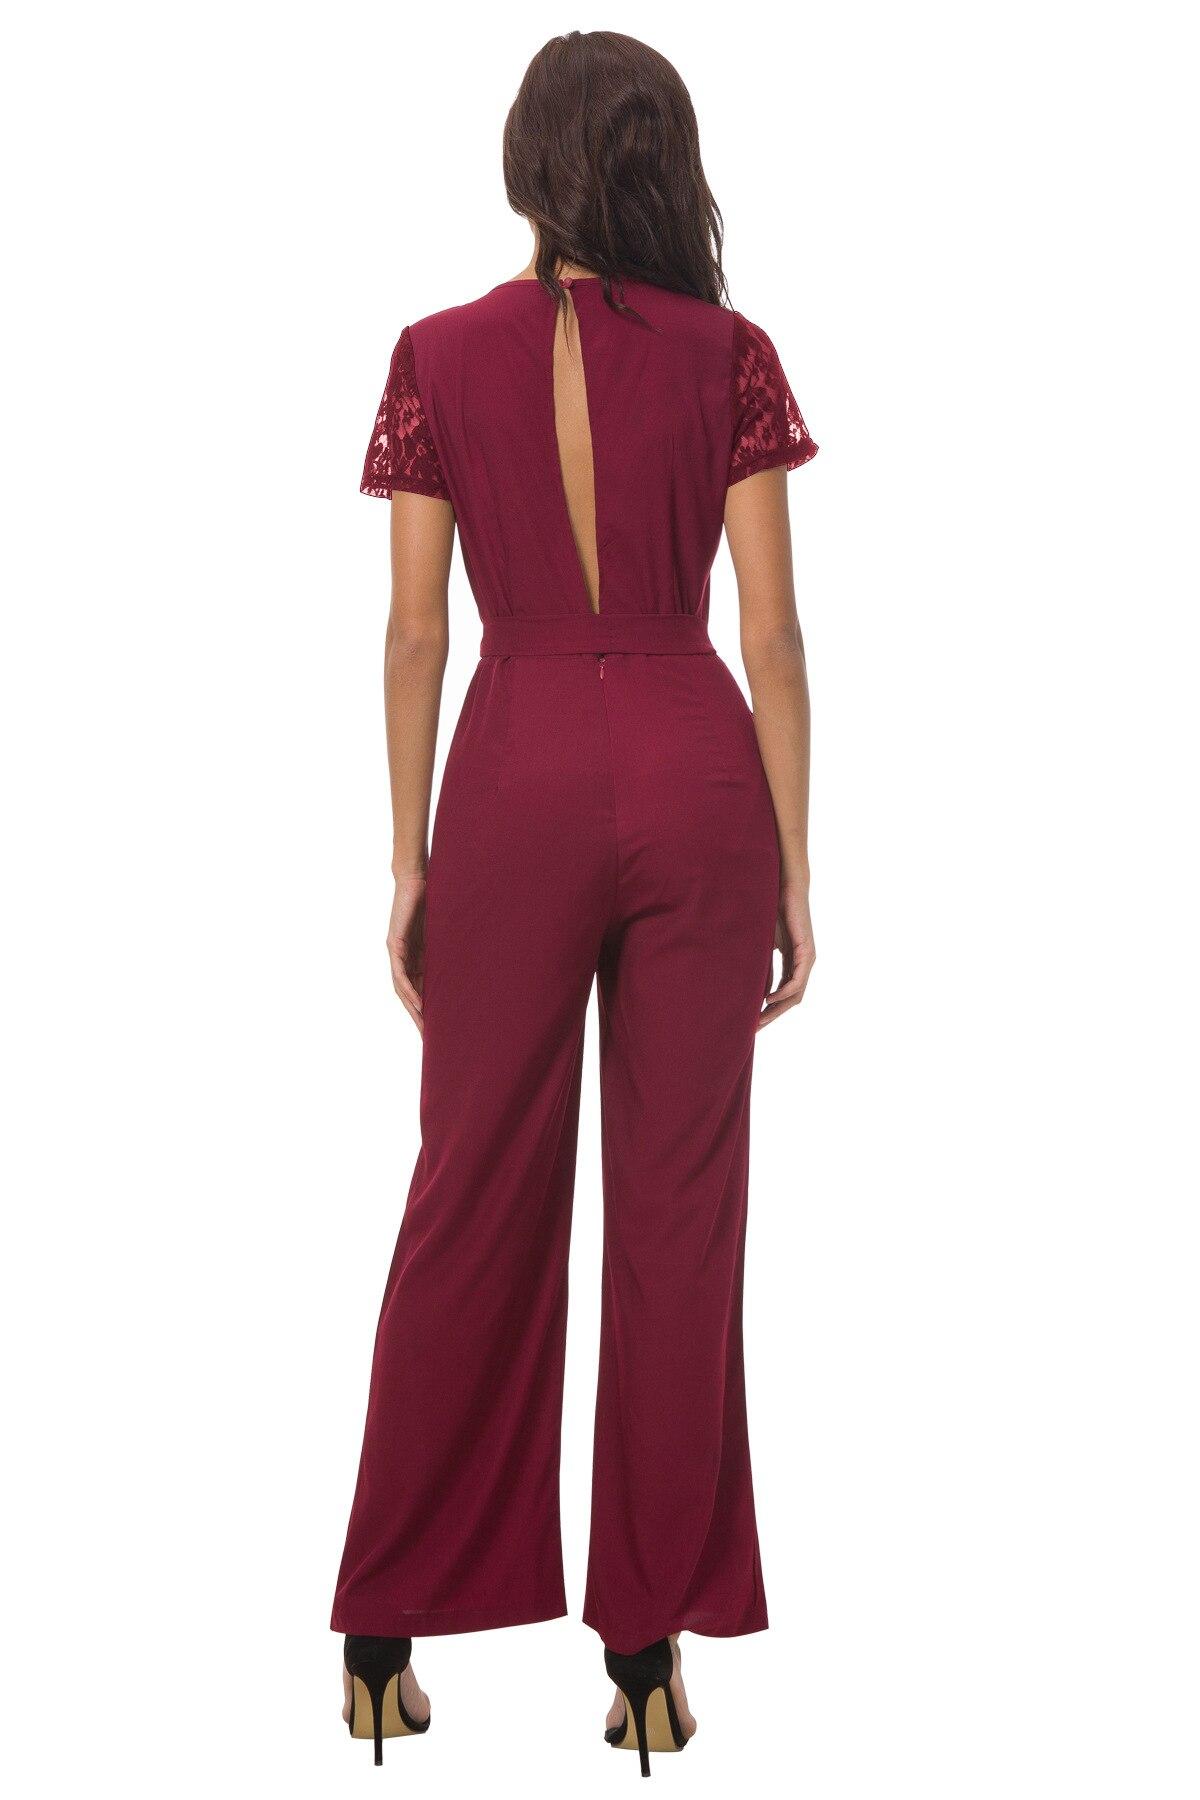 Warehouse Cord Zip Front Combinaison Femme